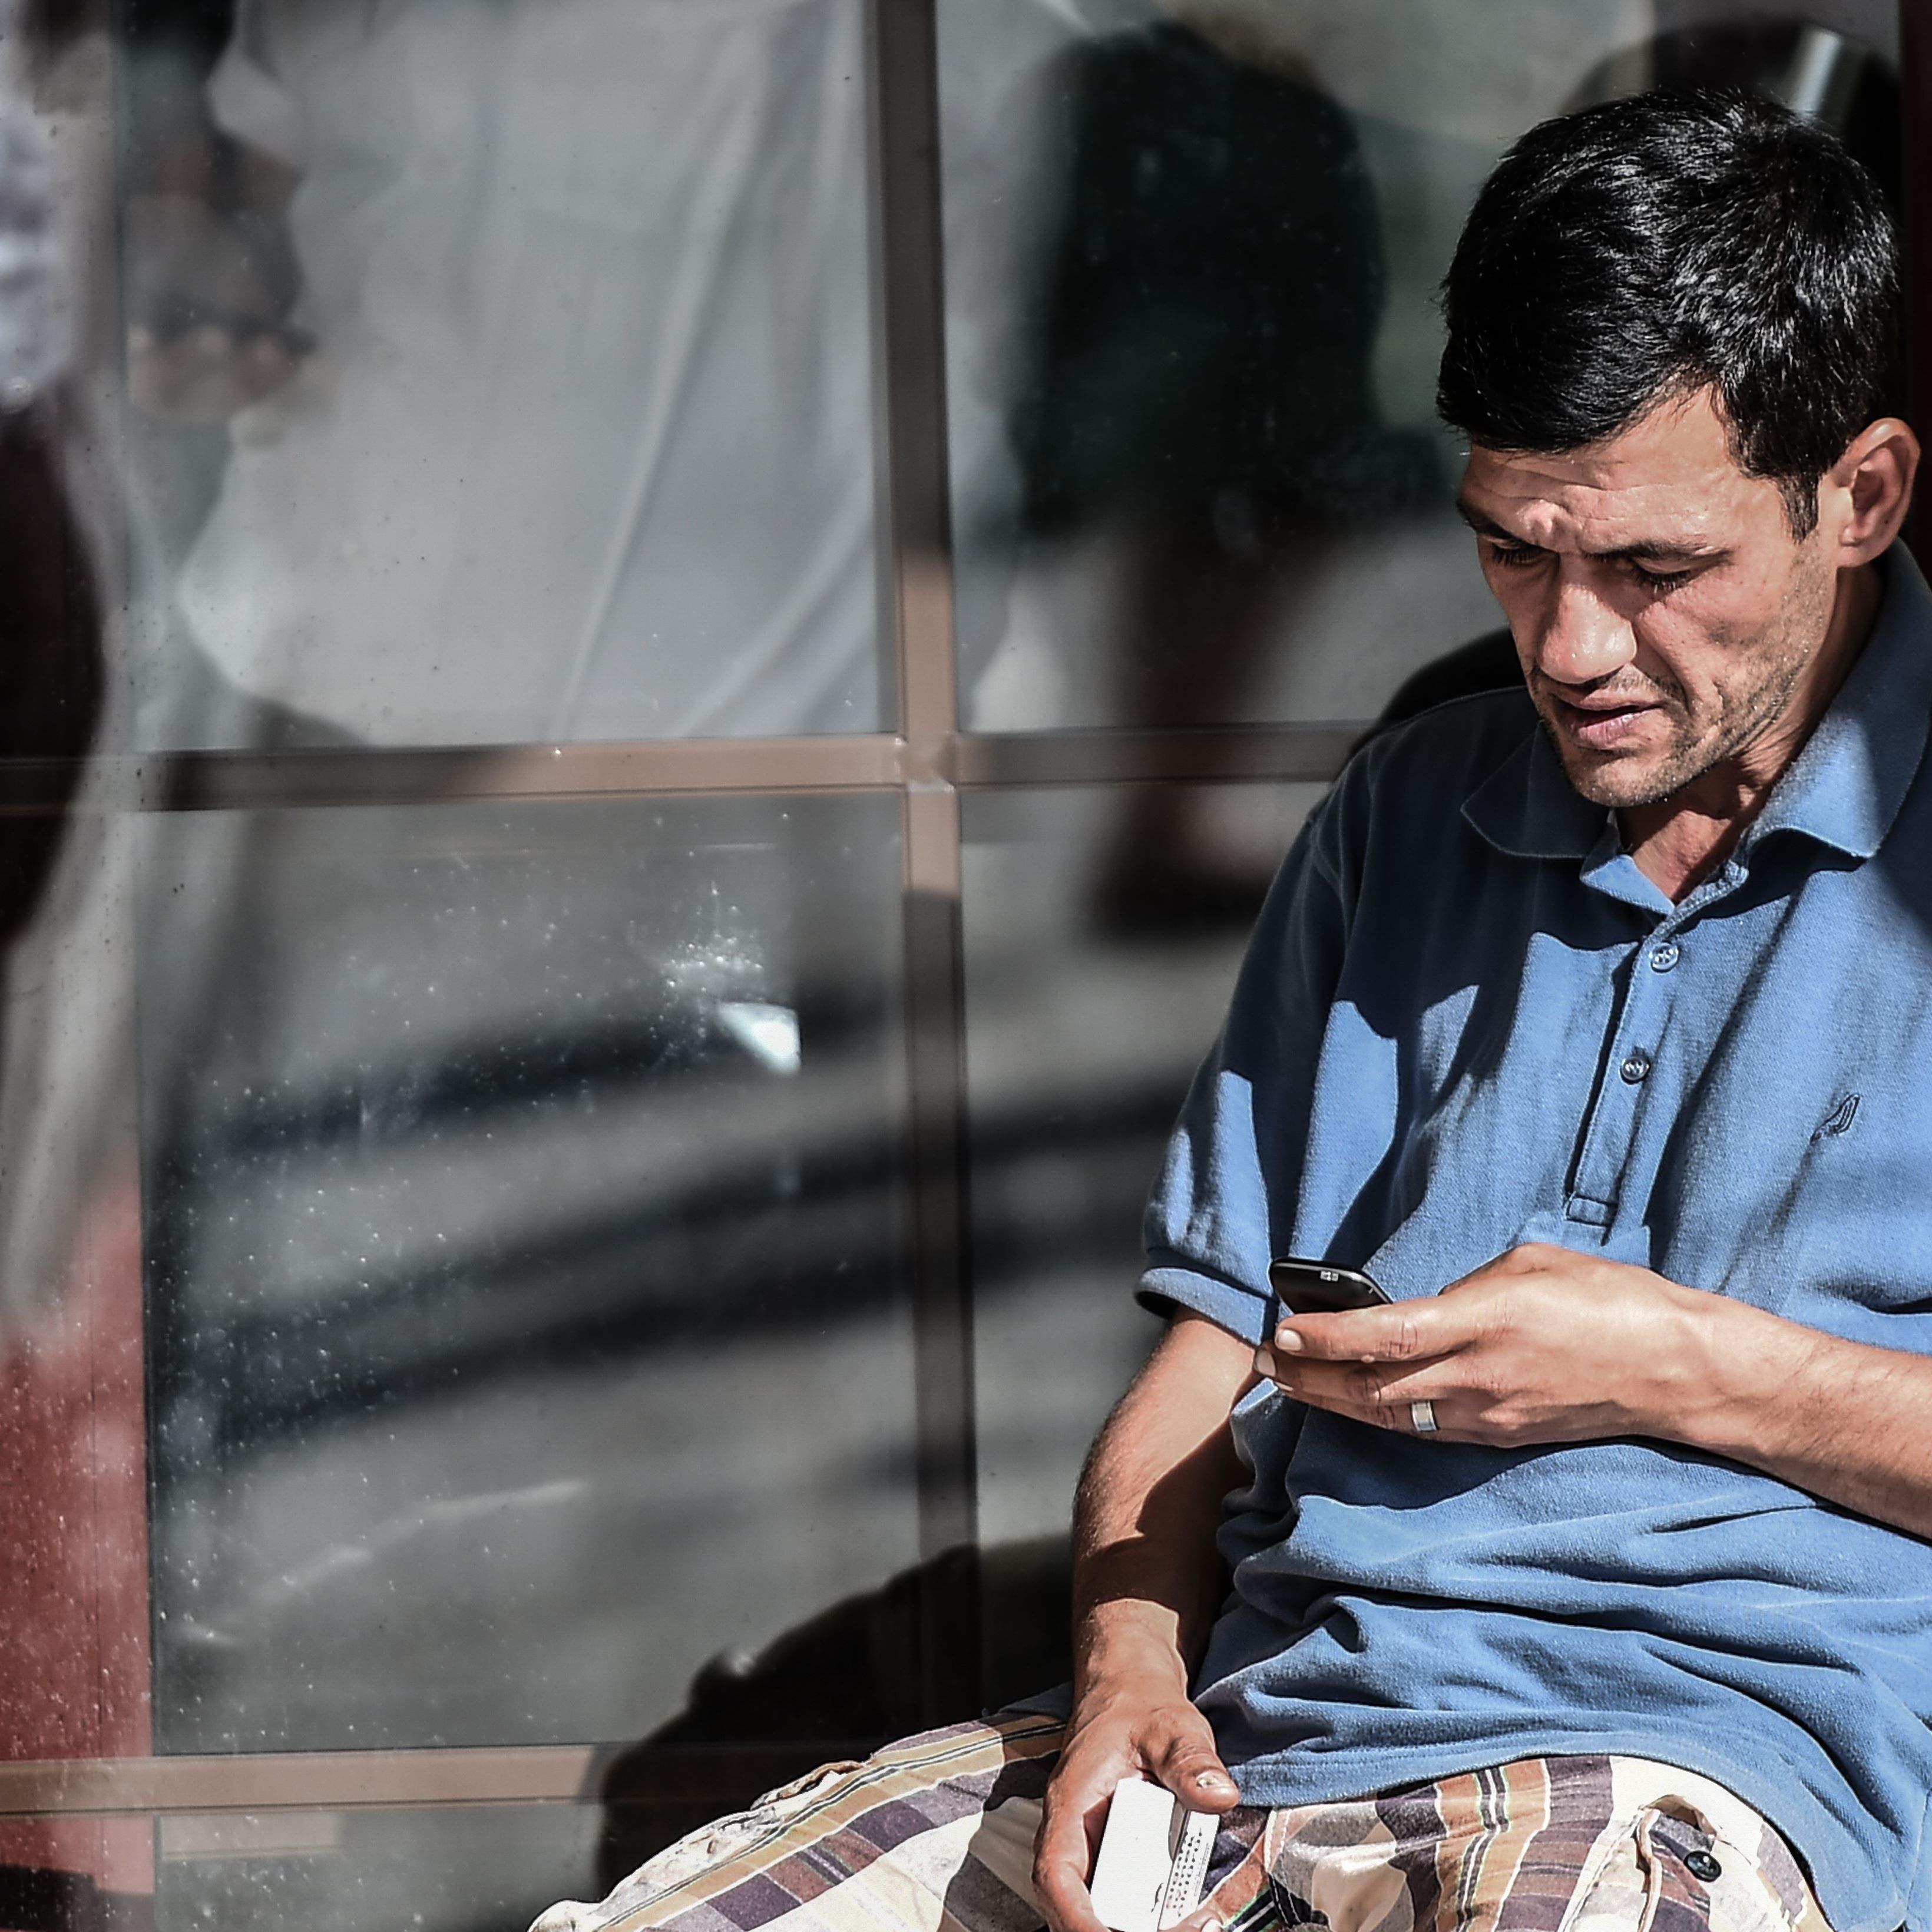 والد الطفل السوري آلان الكردي يقرر البقاء في كوباني